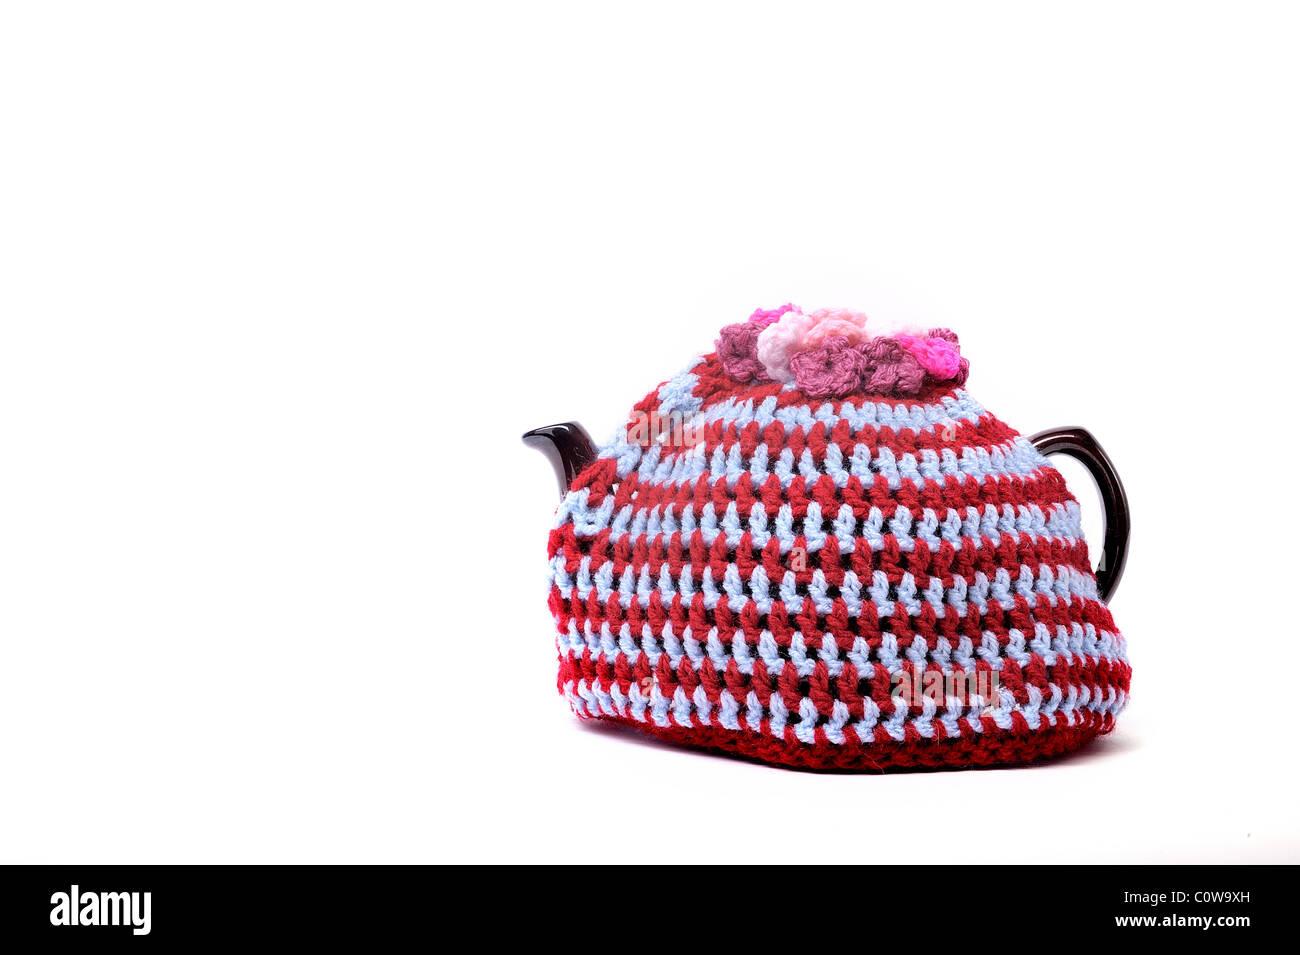 Crochet Imágenes De Stock & Crochet Fotos De Stock - Alamy